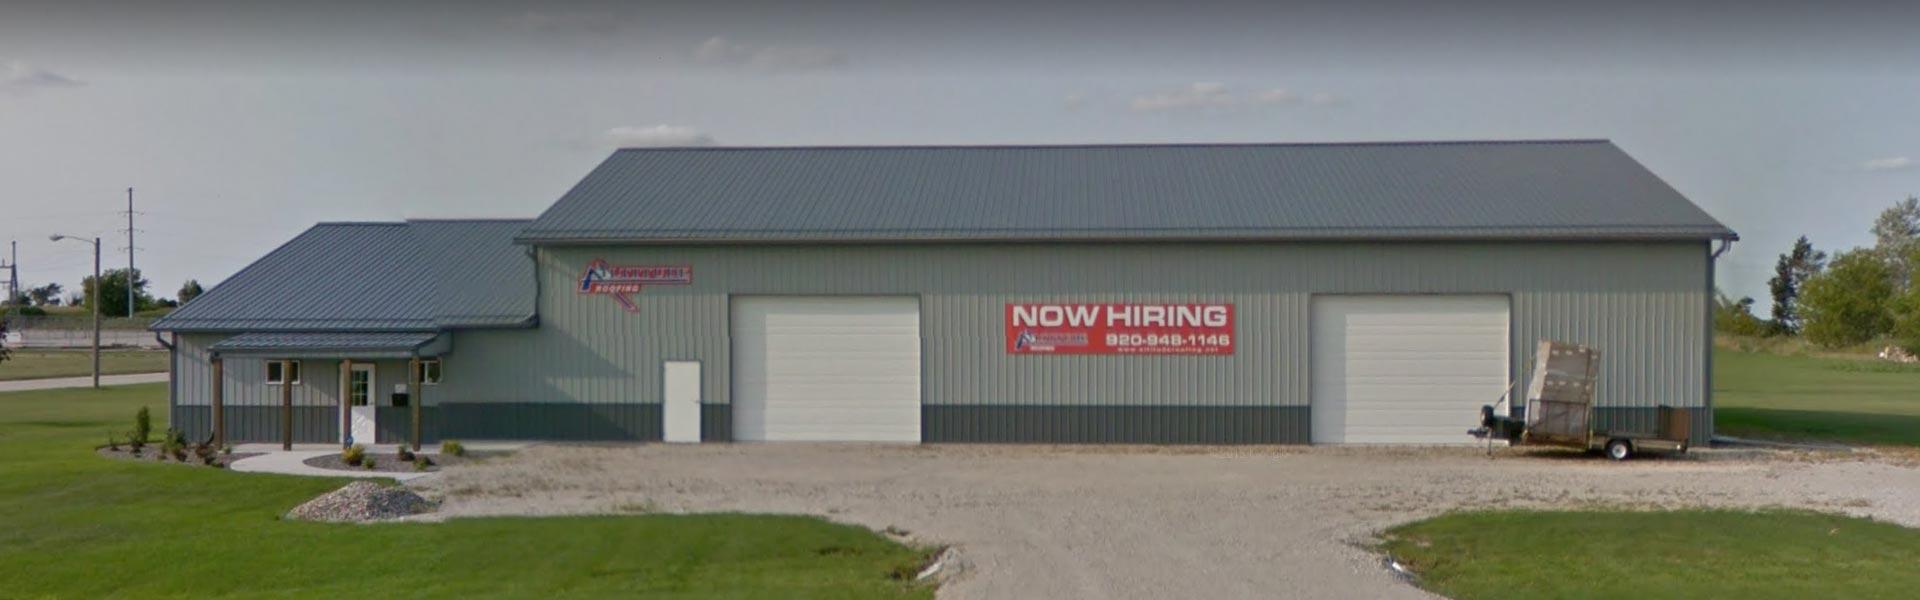 jobs-banner